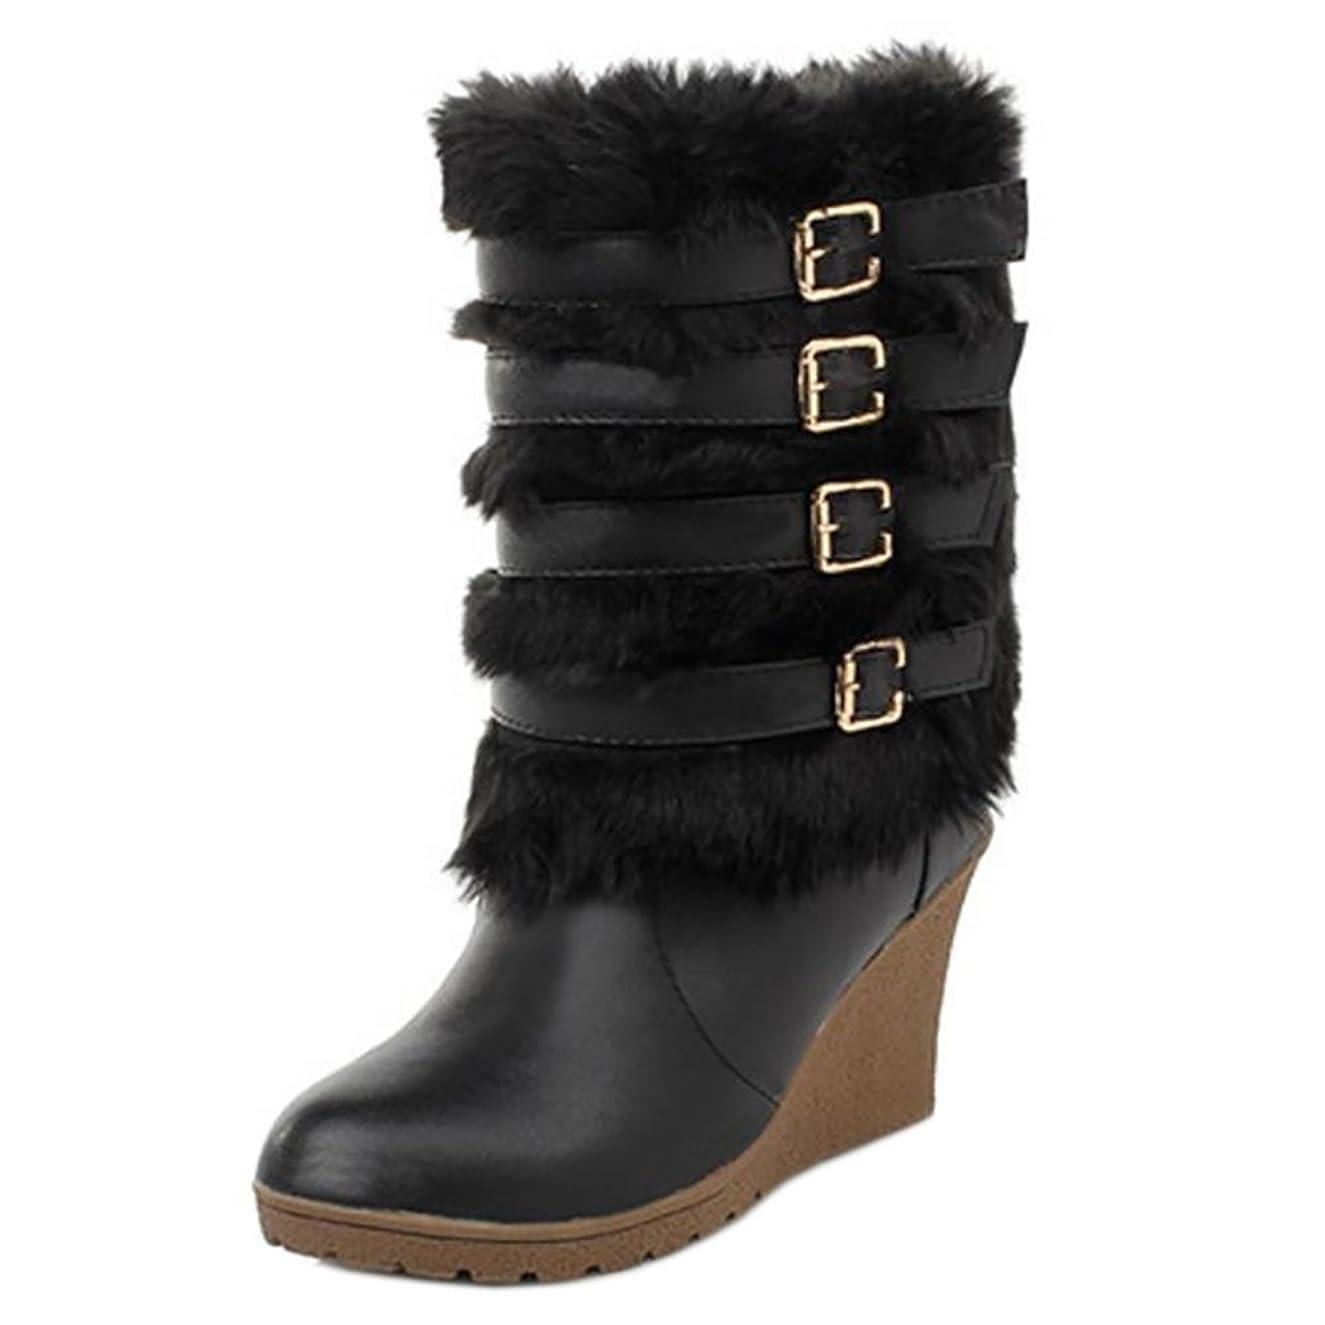 回路アロング迷惑[FANIMILA] レディース ファッション ウェッジ ブーツ ベルト付き 防寒 ショートブーツ